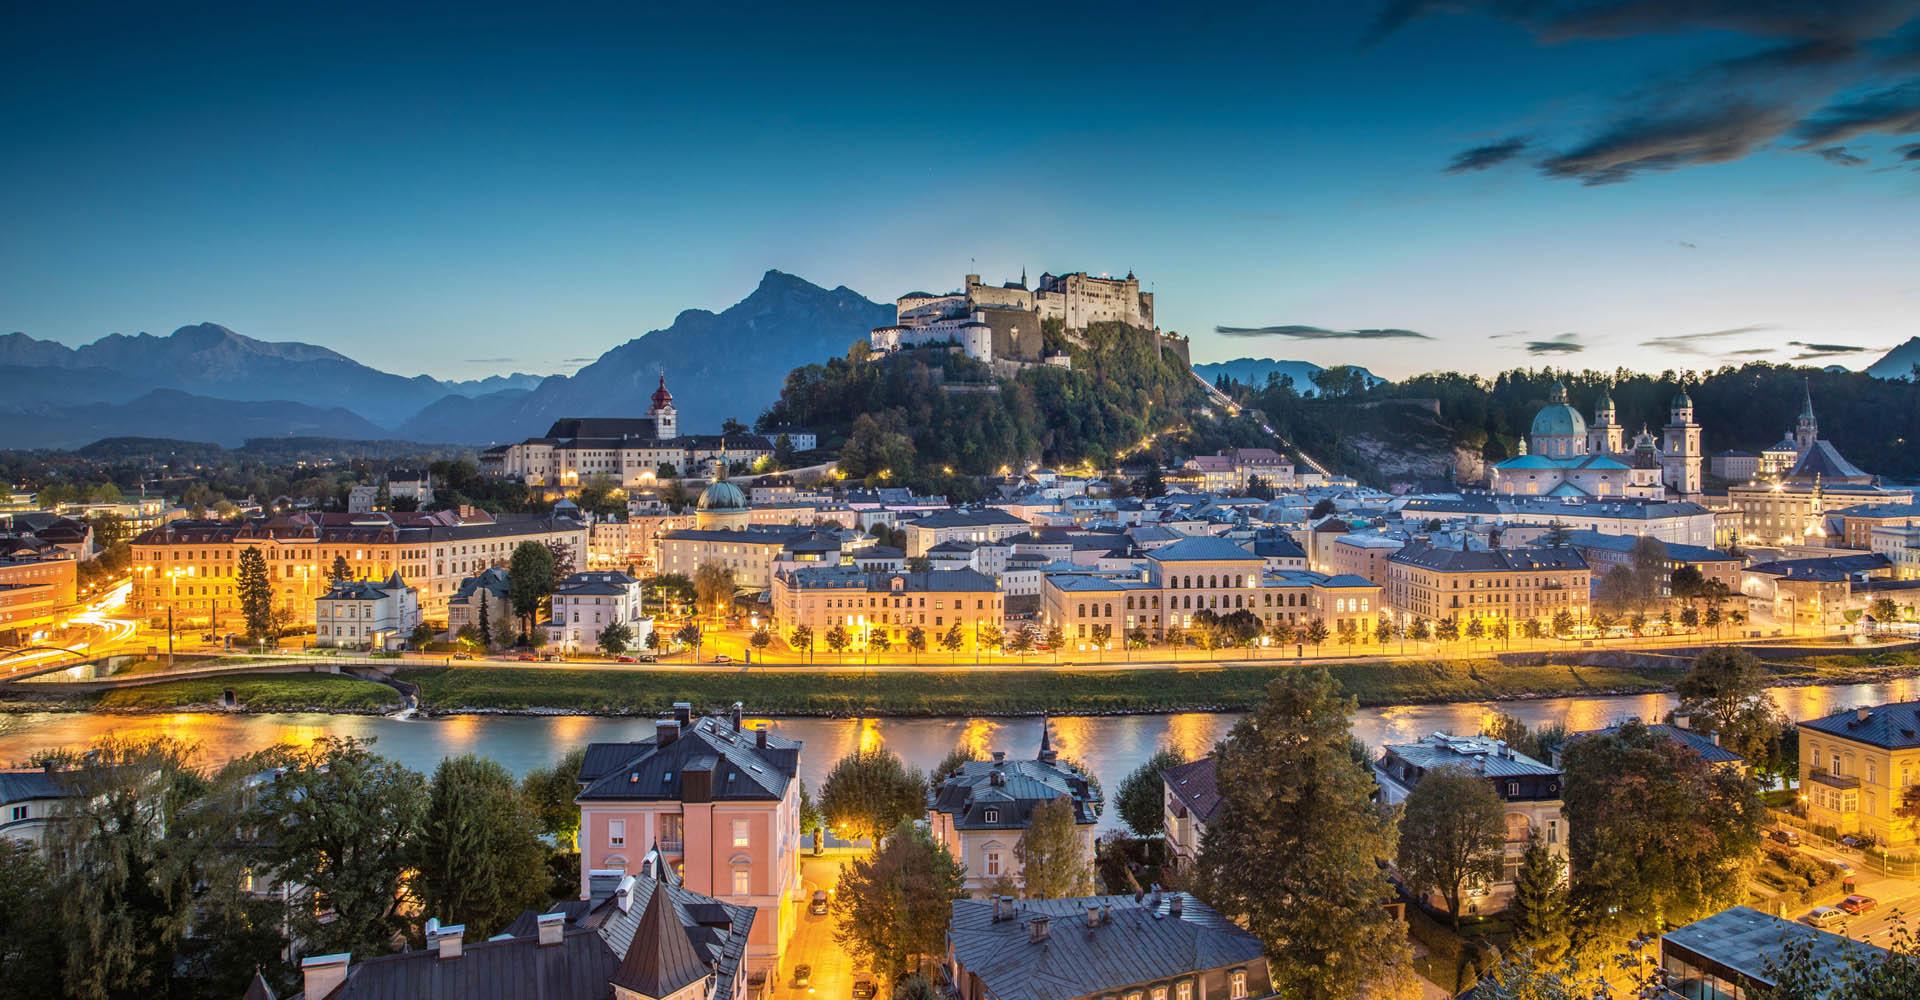 Ausflugsziele Salzburger Land - Hotel Wagrainerhof - Wagrain / Kleinarl